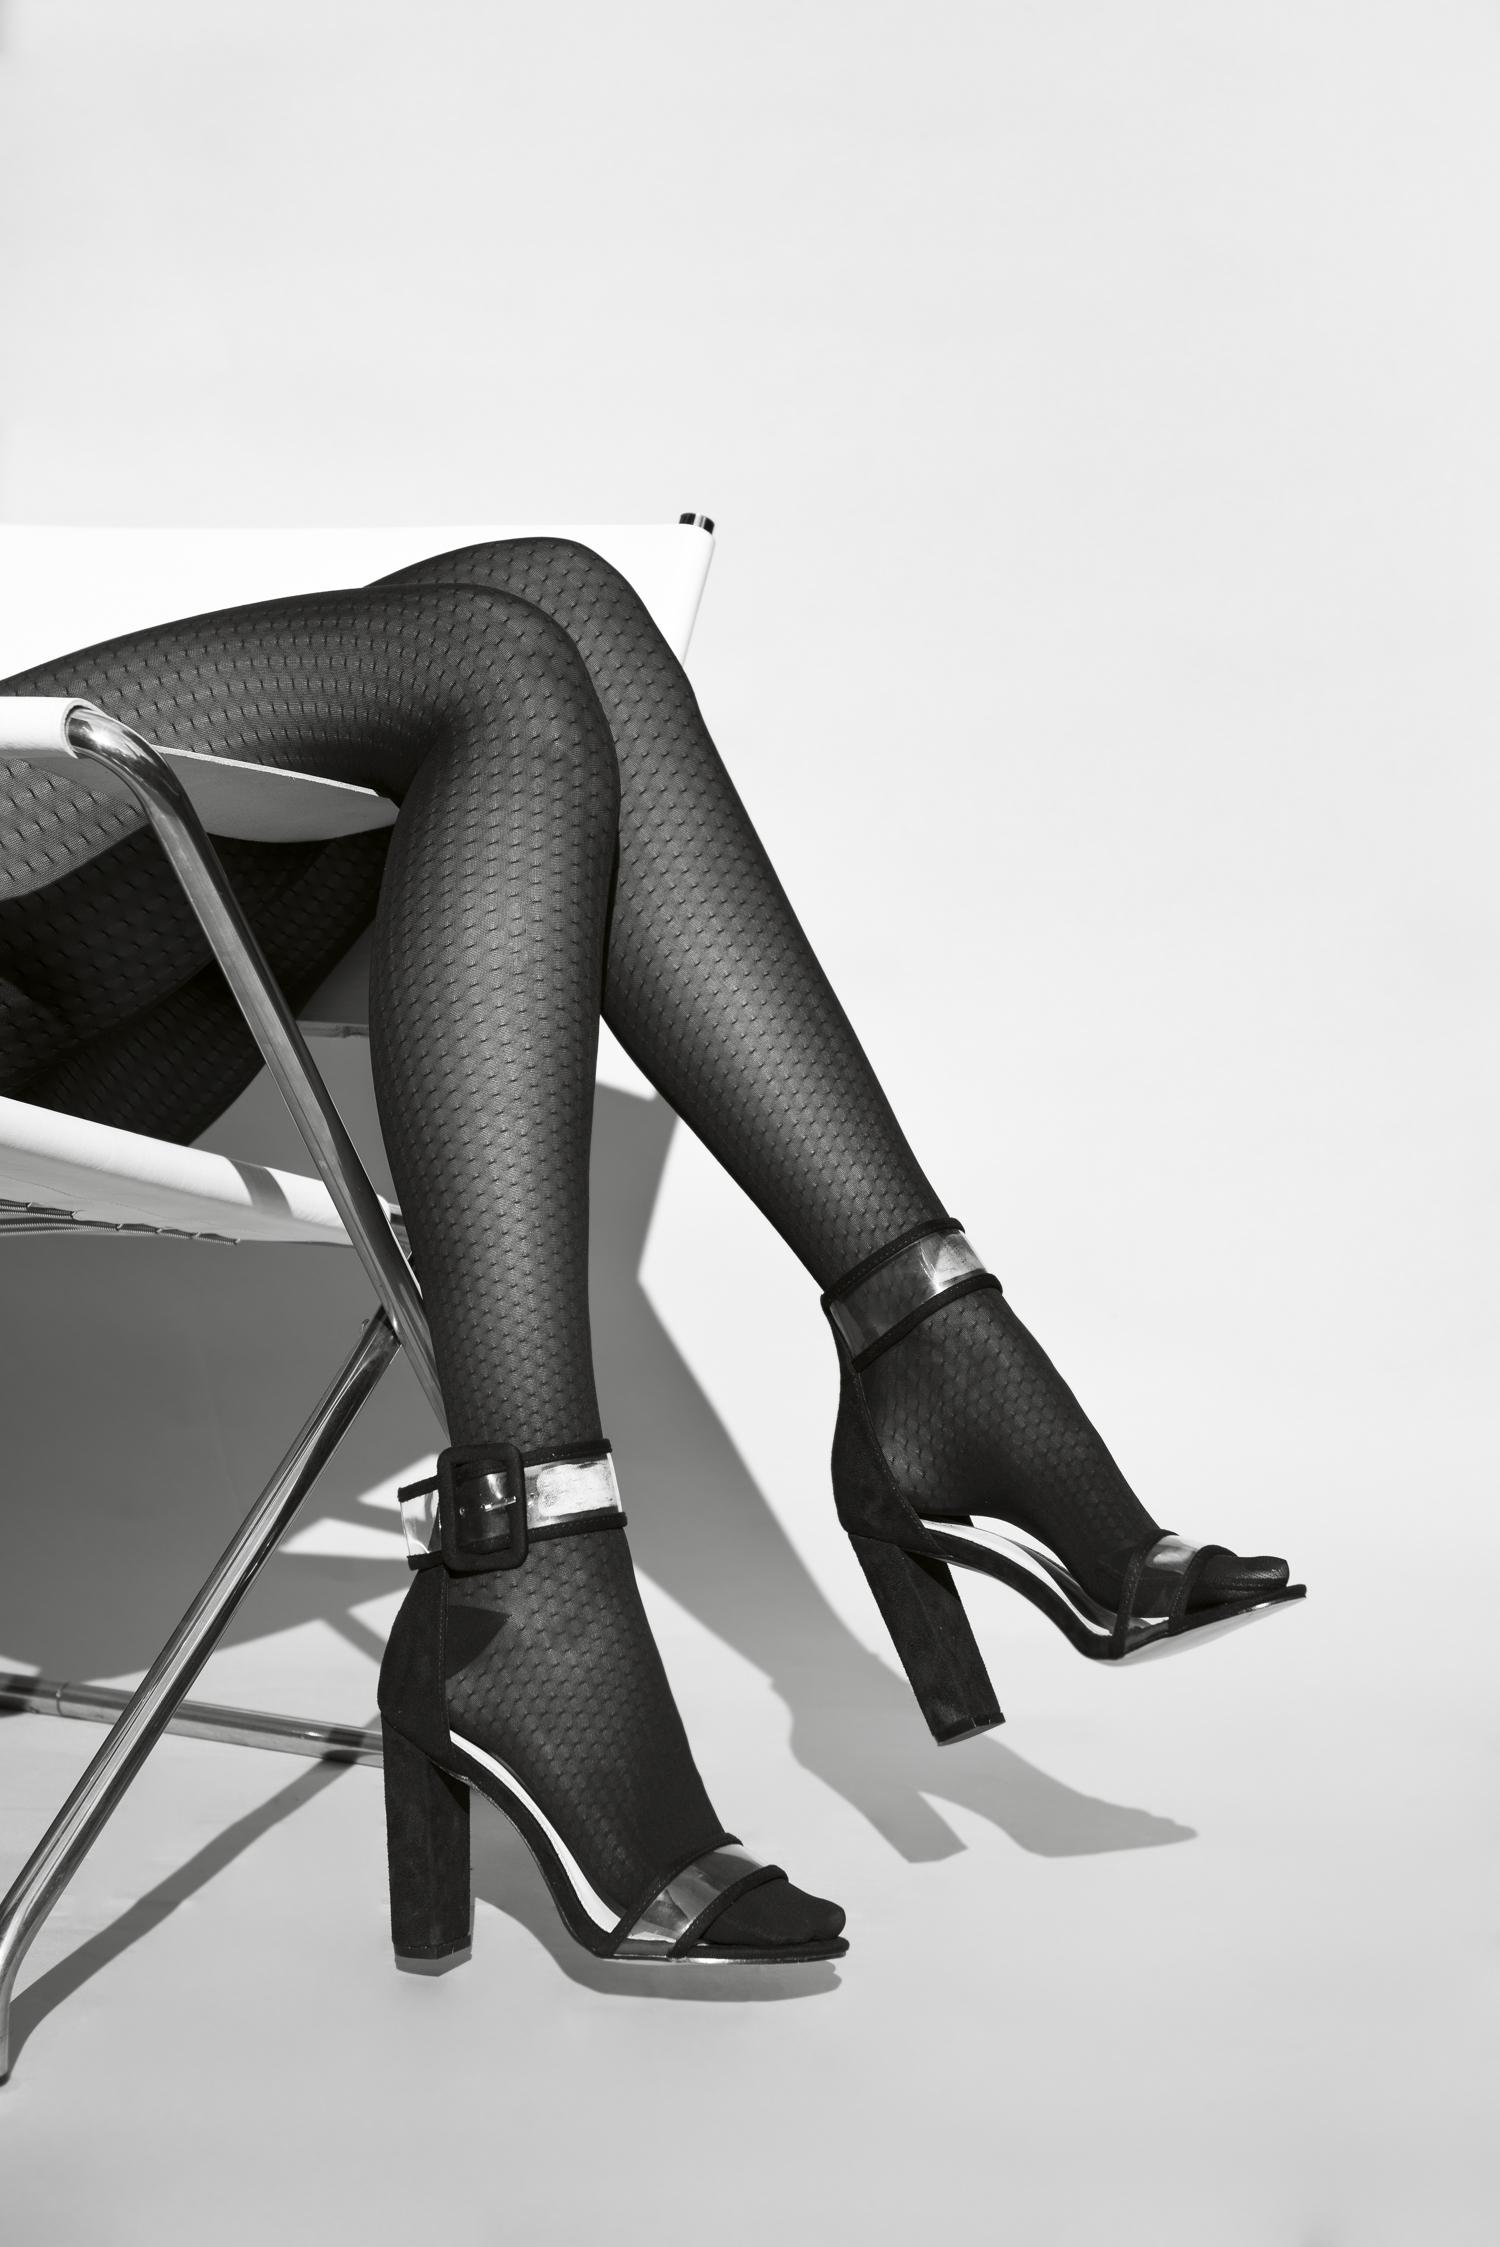 Item M6 Kompressionsstrumpfhose im Test, wie haltbar ist eine Strumpfhose, Haltbarkeitstest, schöne und gesunde Beine mit Kompression, Blog für Frauen über 40 und über 50, BeFifty Beate Finken